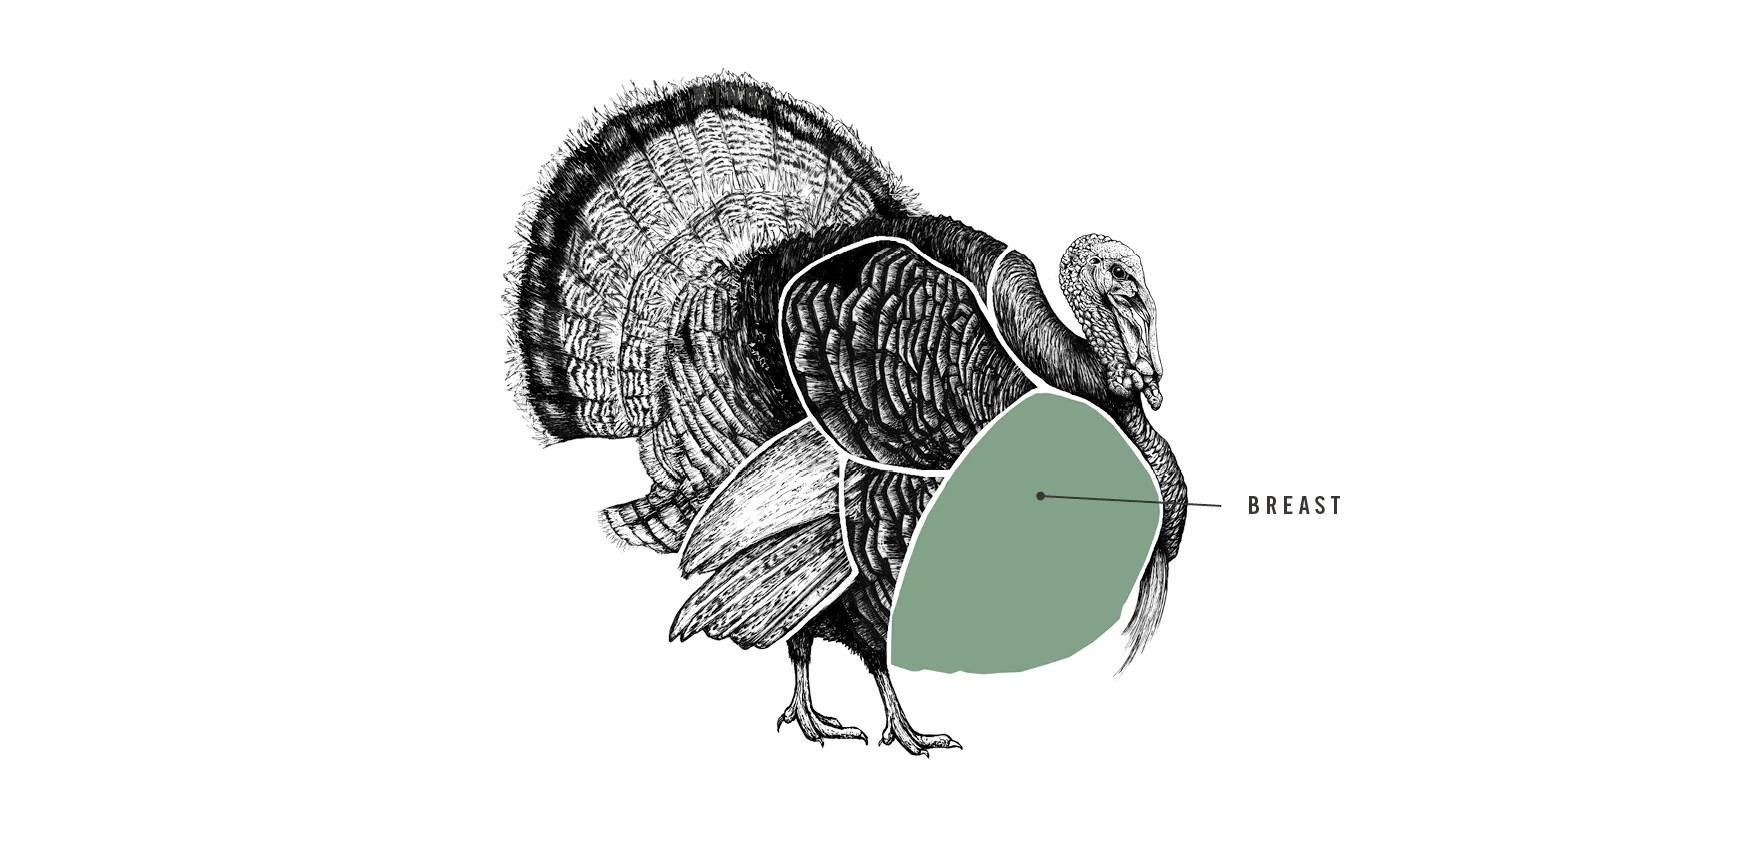 free range bronze turkey breast meat cuts diagram [ 1754 x 862 Pixel ]